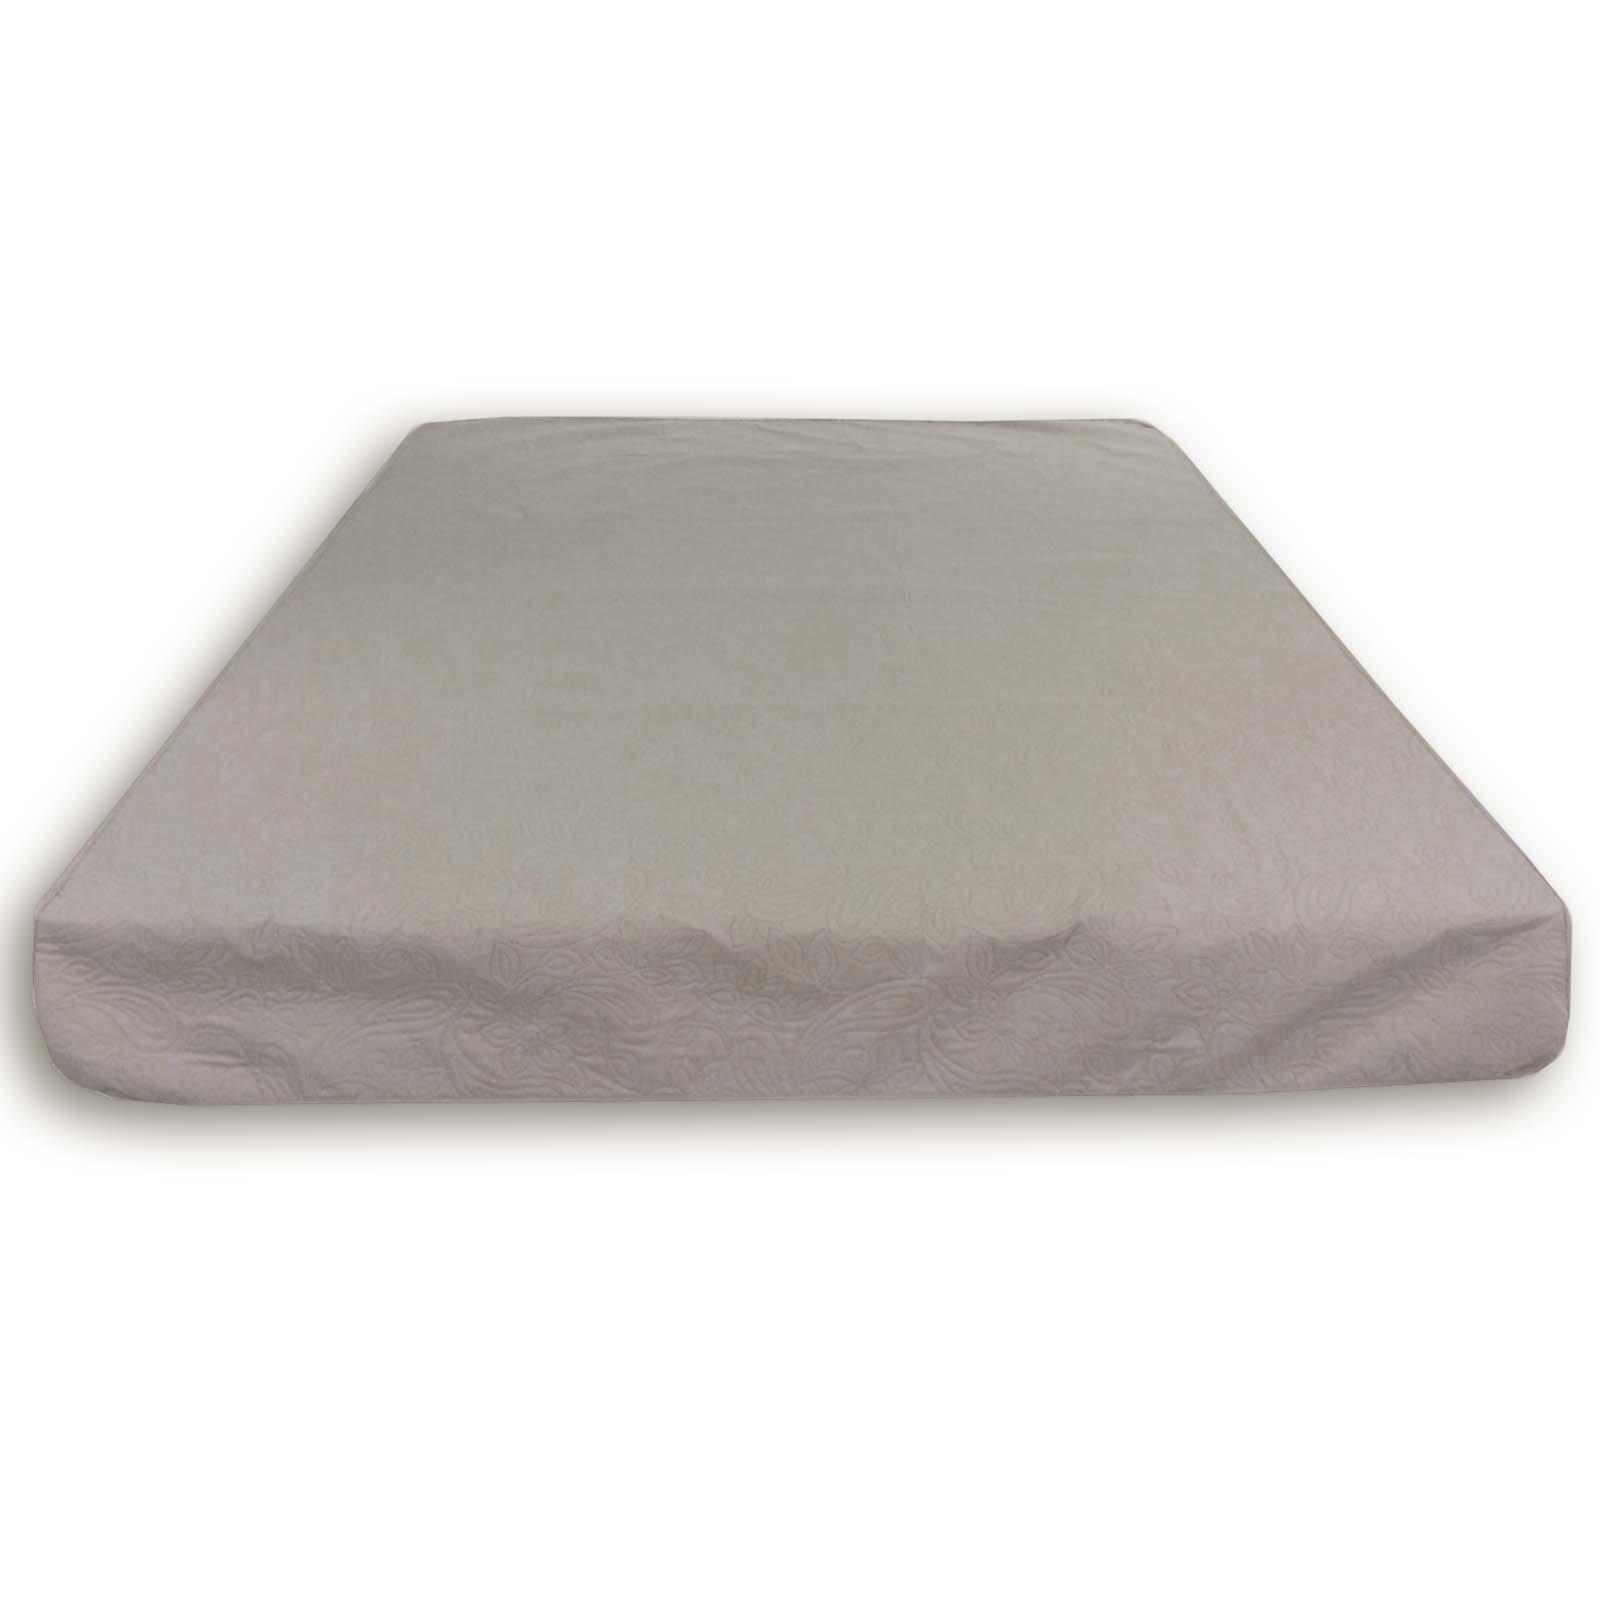 tagesdecke laser grau 180x220 cm wohndecken fleecedecken heimtextilien deko. Black Bedroom Furniture Sets. Home Design Ideas